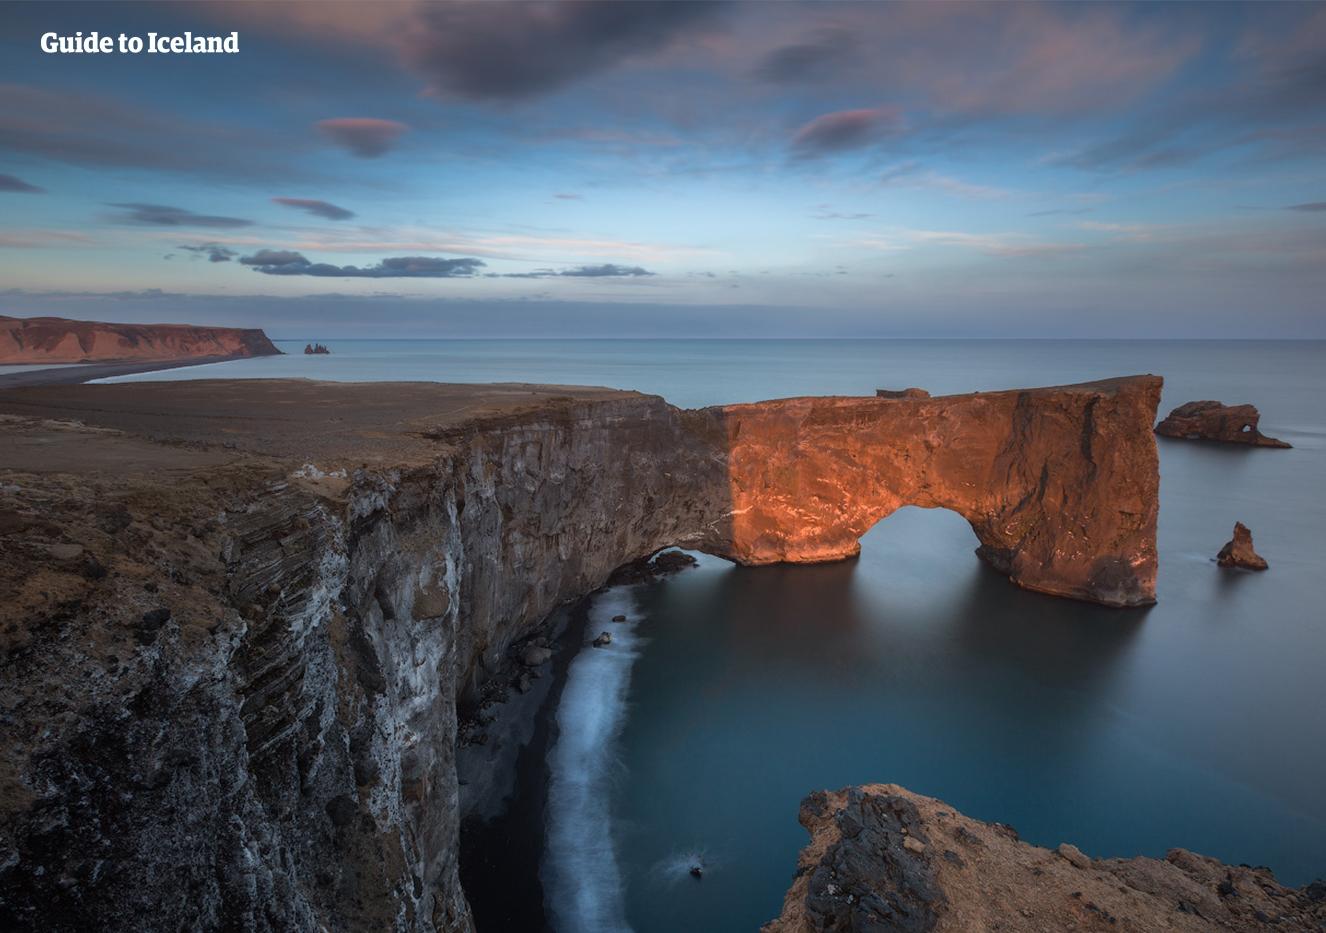 """Łuk skalny w Dyrhólaey na południowym wybrzeżu można zobaczyć w niektórych scenach serialu telewizyjnego """"Gra o Tron""""."""